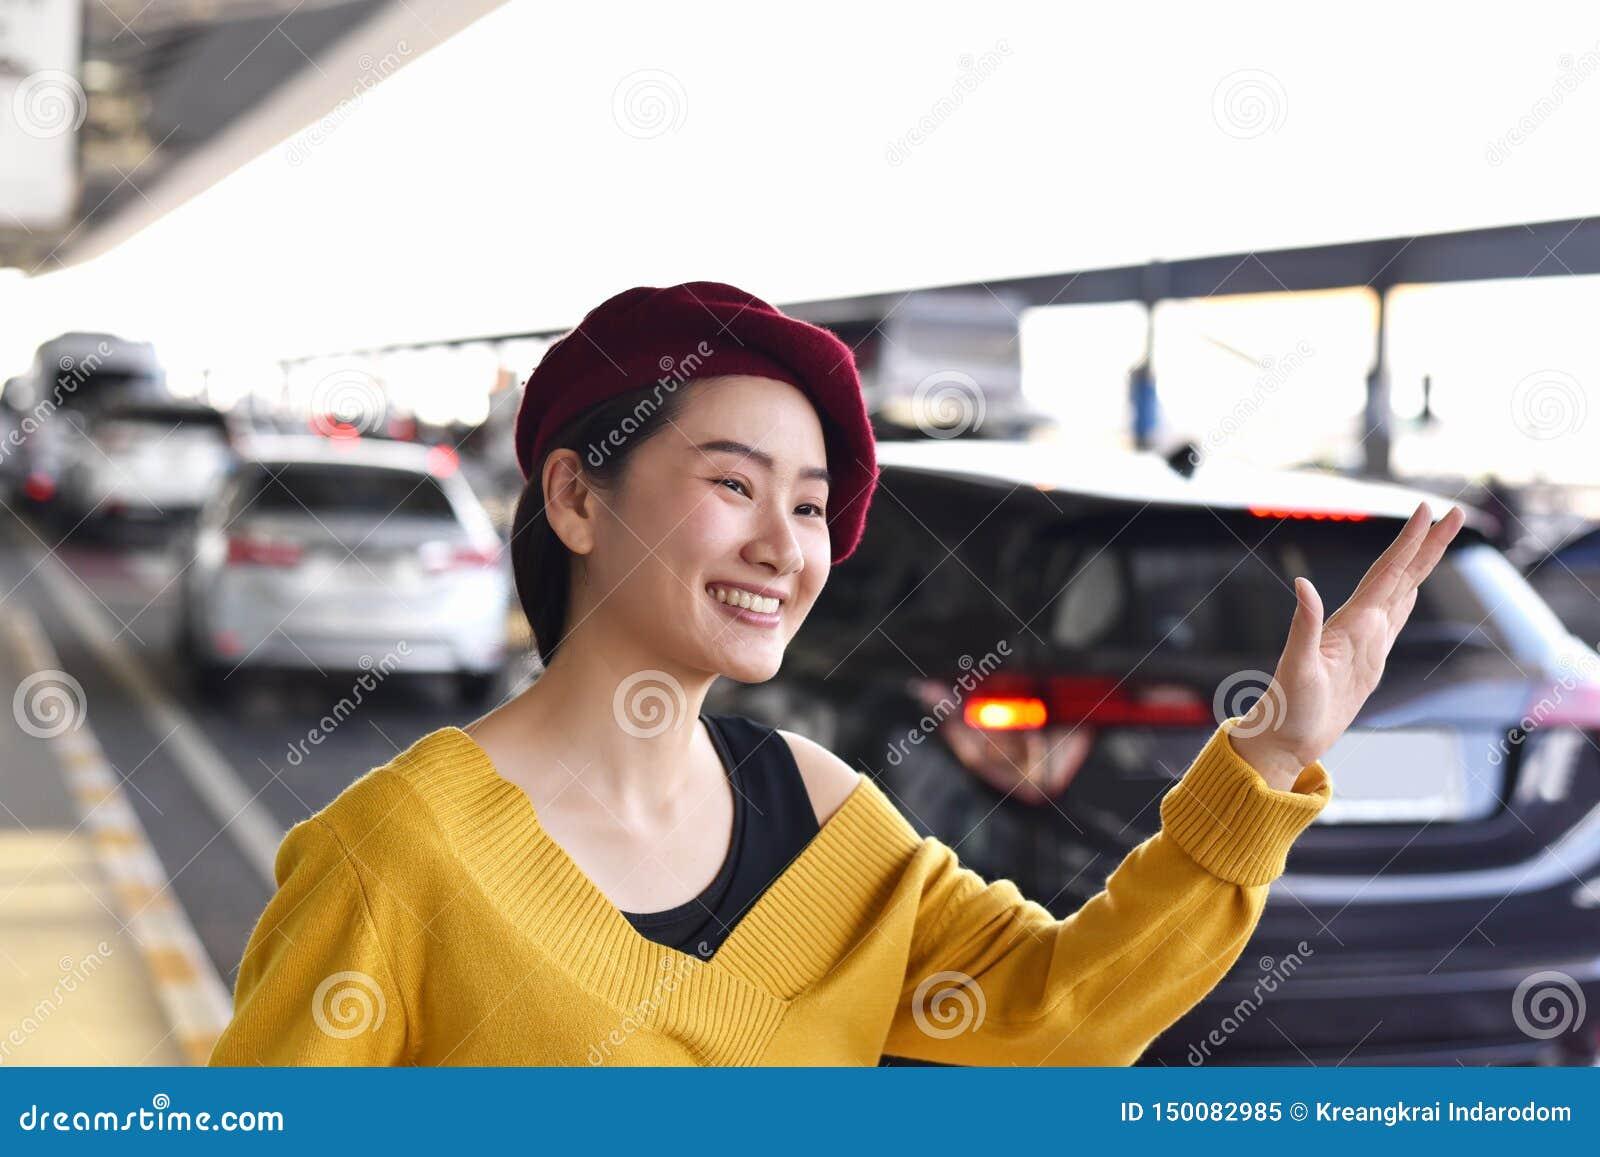 Asiatinanruf ein Taxiautoservice am Flughafen